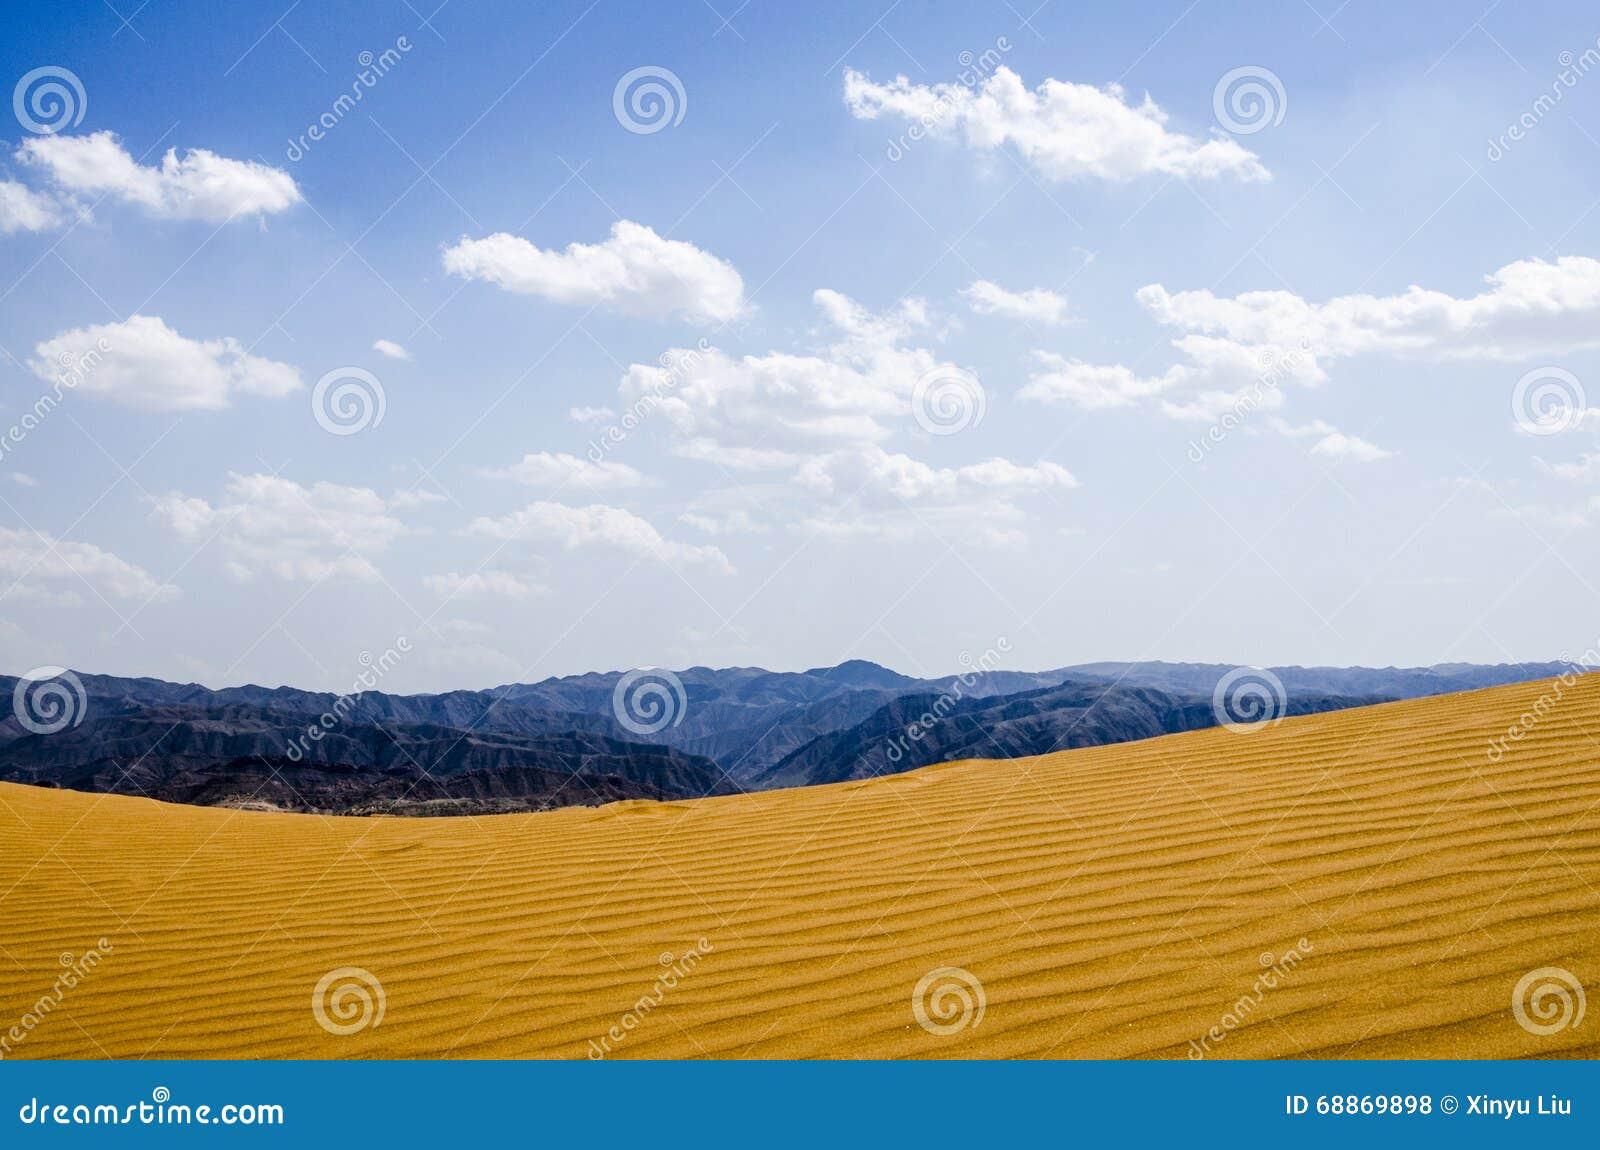 Déserts et montagnes